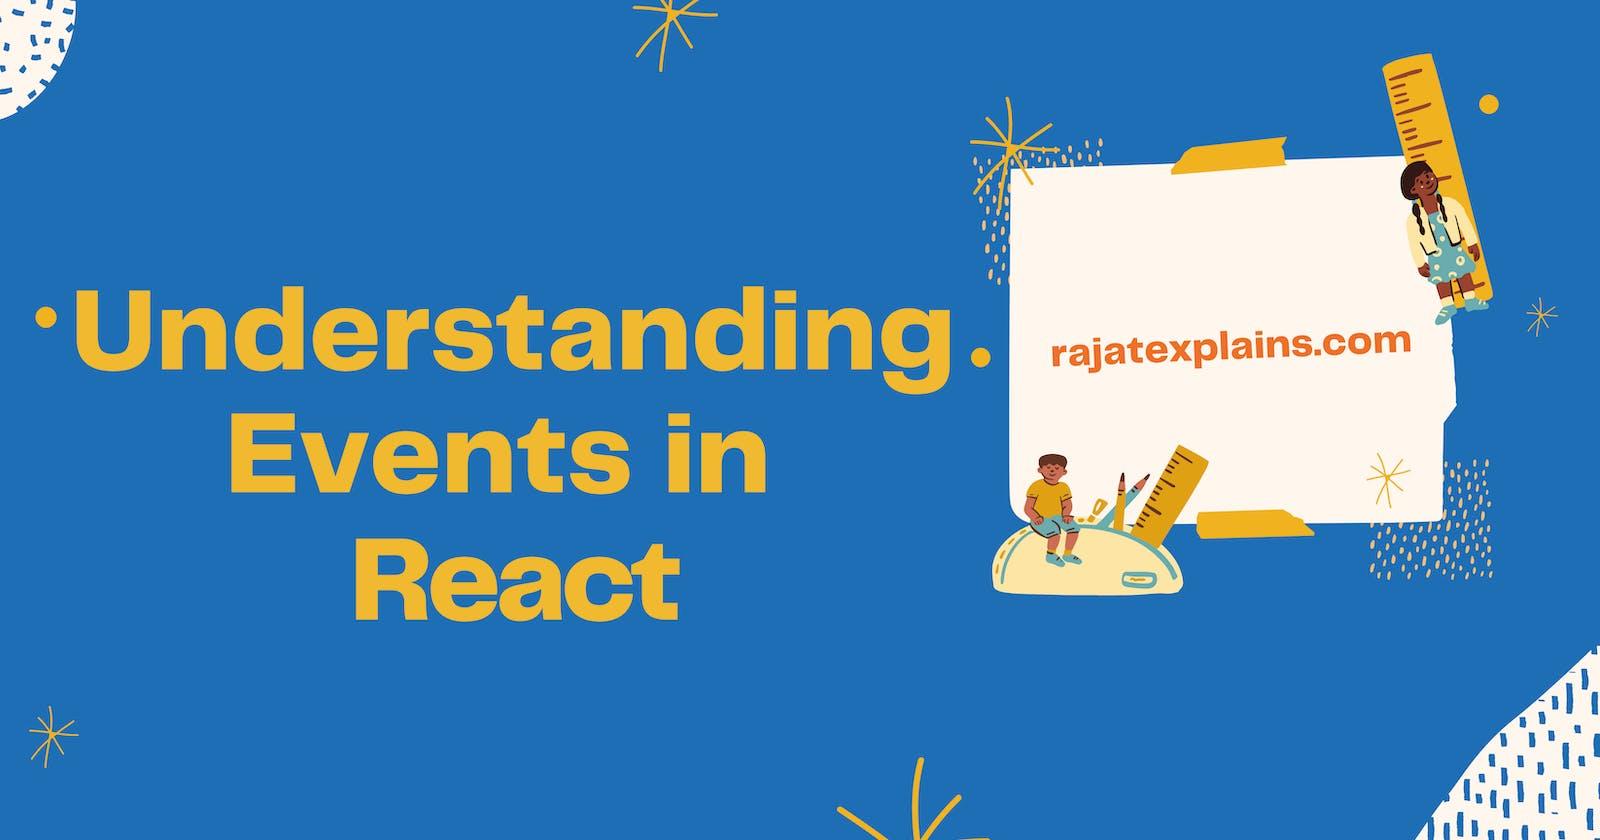 Understanding Events in React